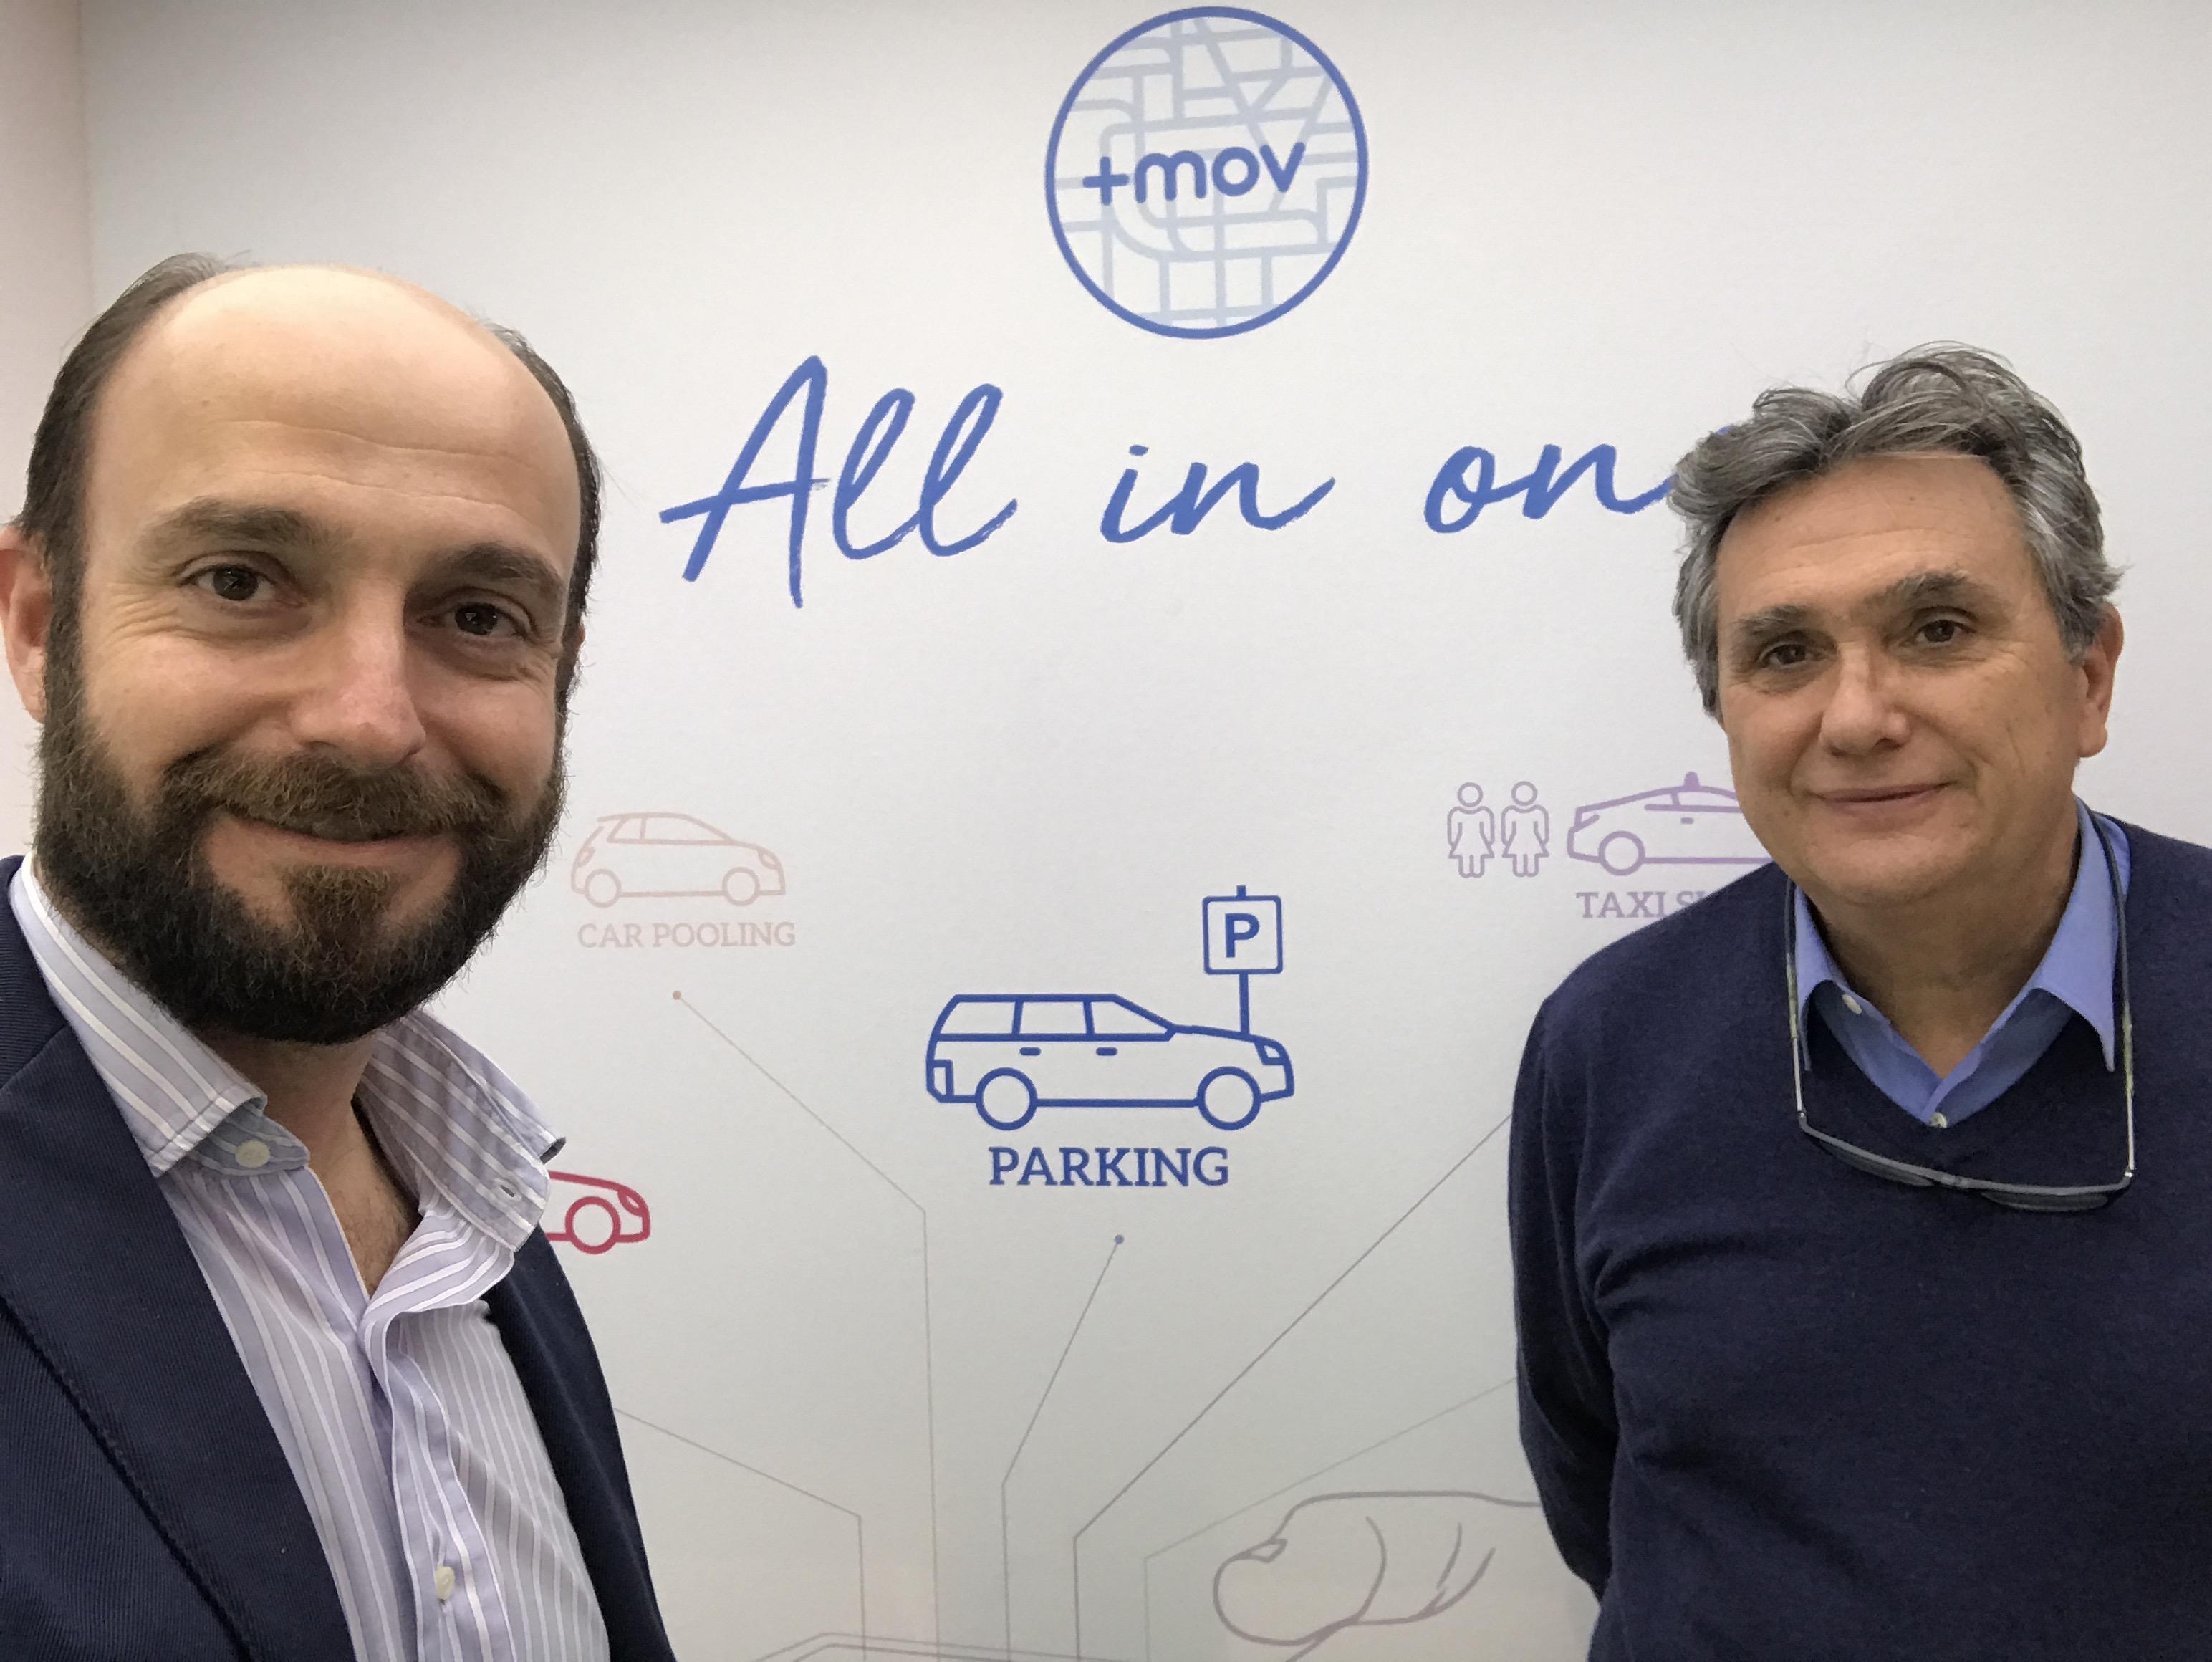 Taksee y Parkimeter presentan primera app que integra soluciones de movilidad